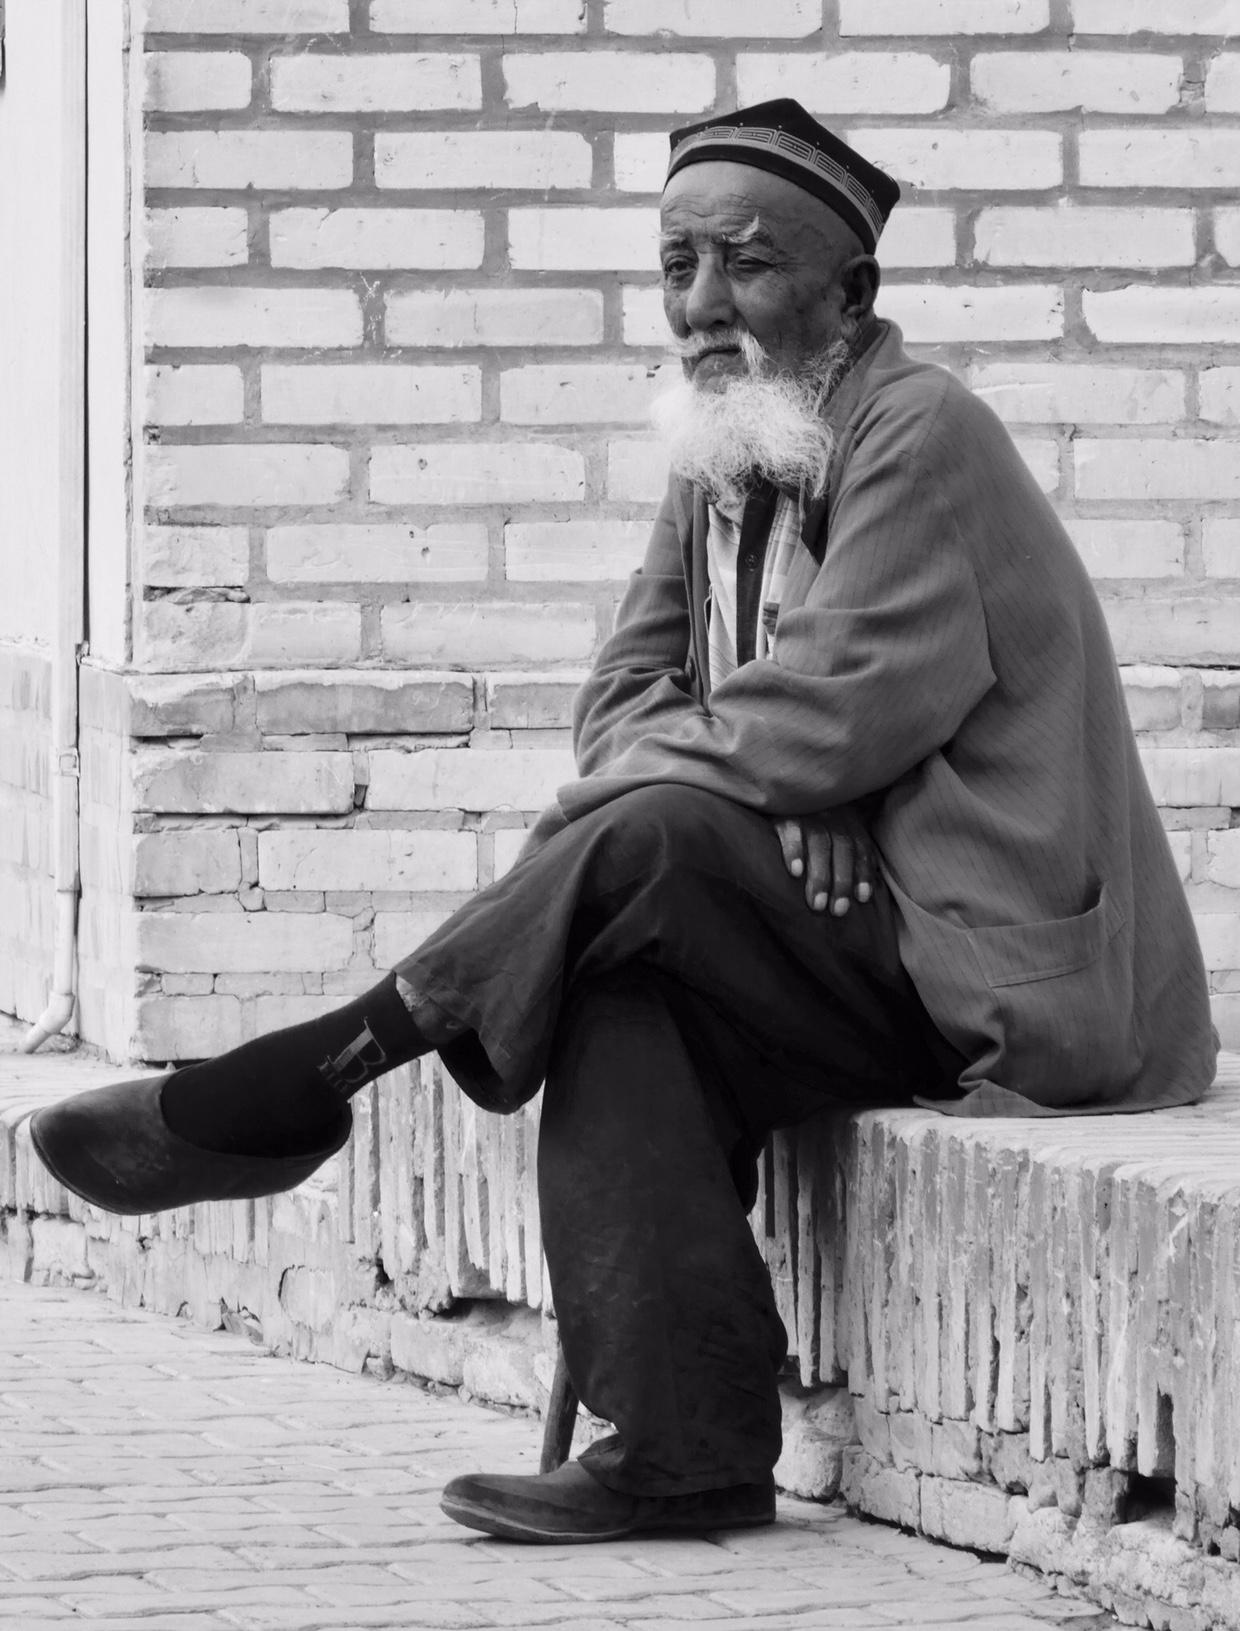 Uzbek old man